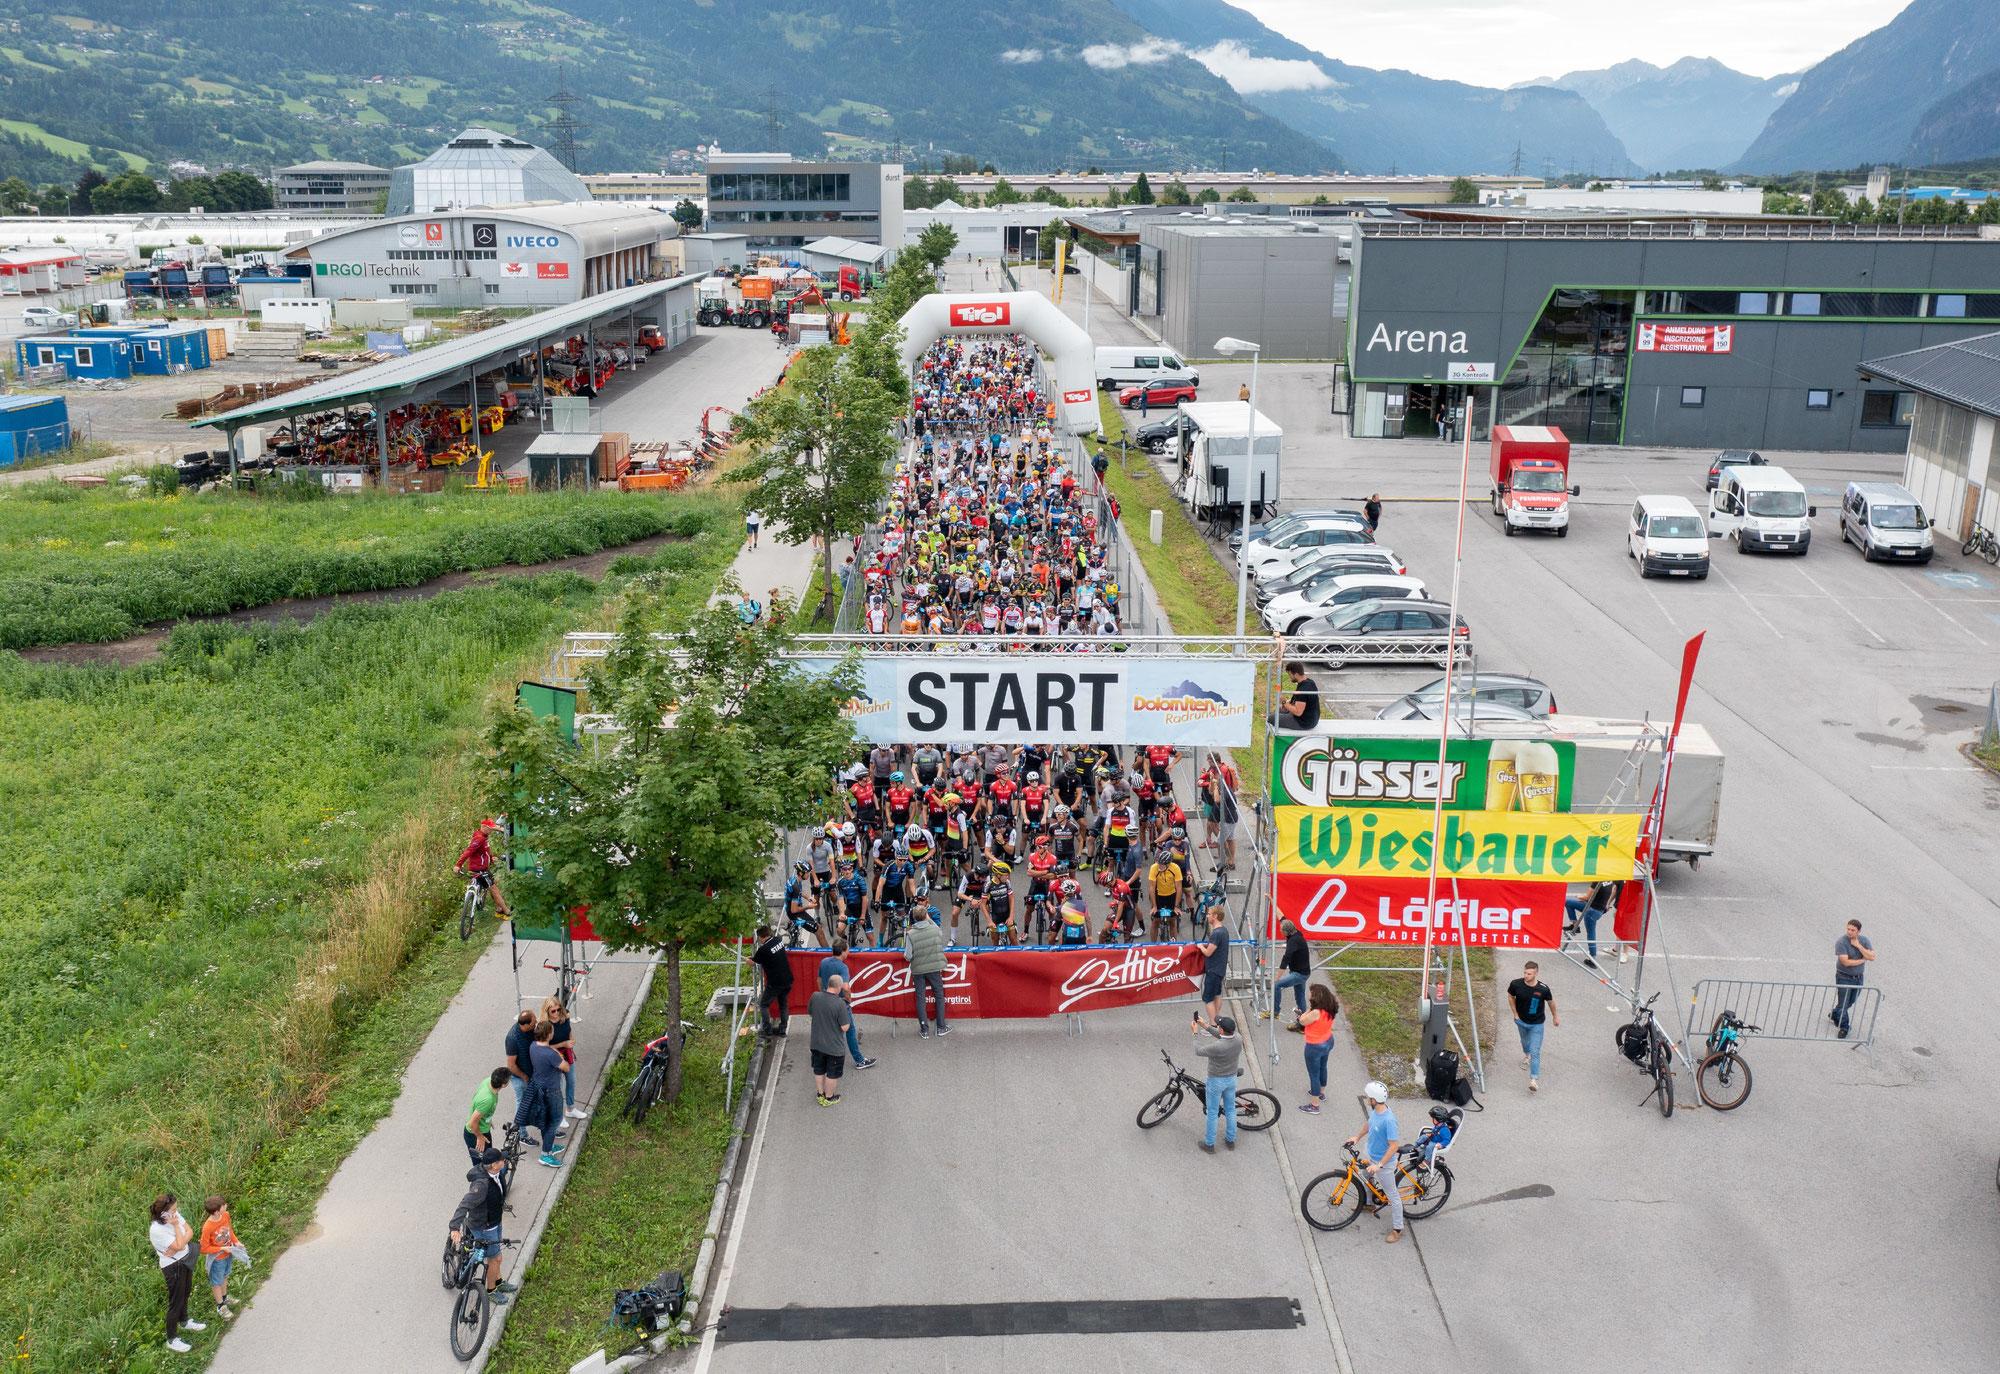 Hoogerland und Somavilla triumphieren bei 33. Dolomiten-Radrundfahrt